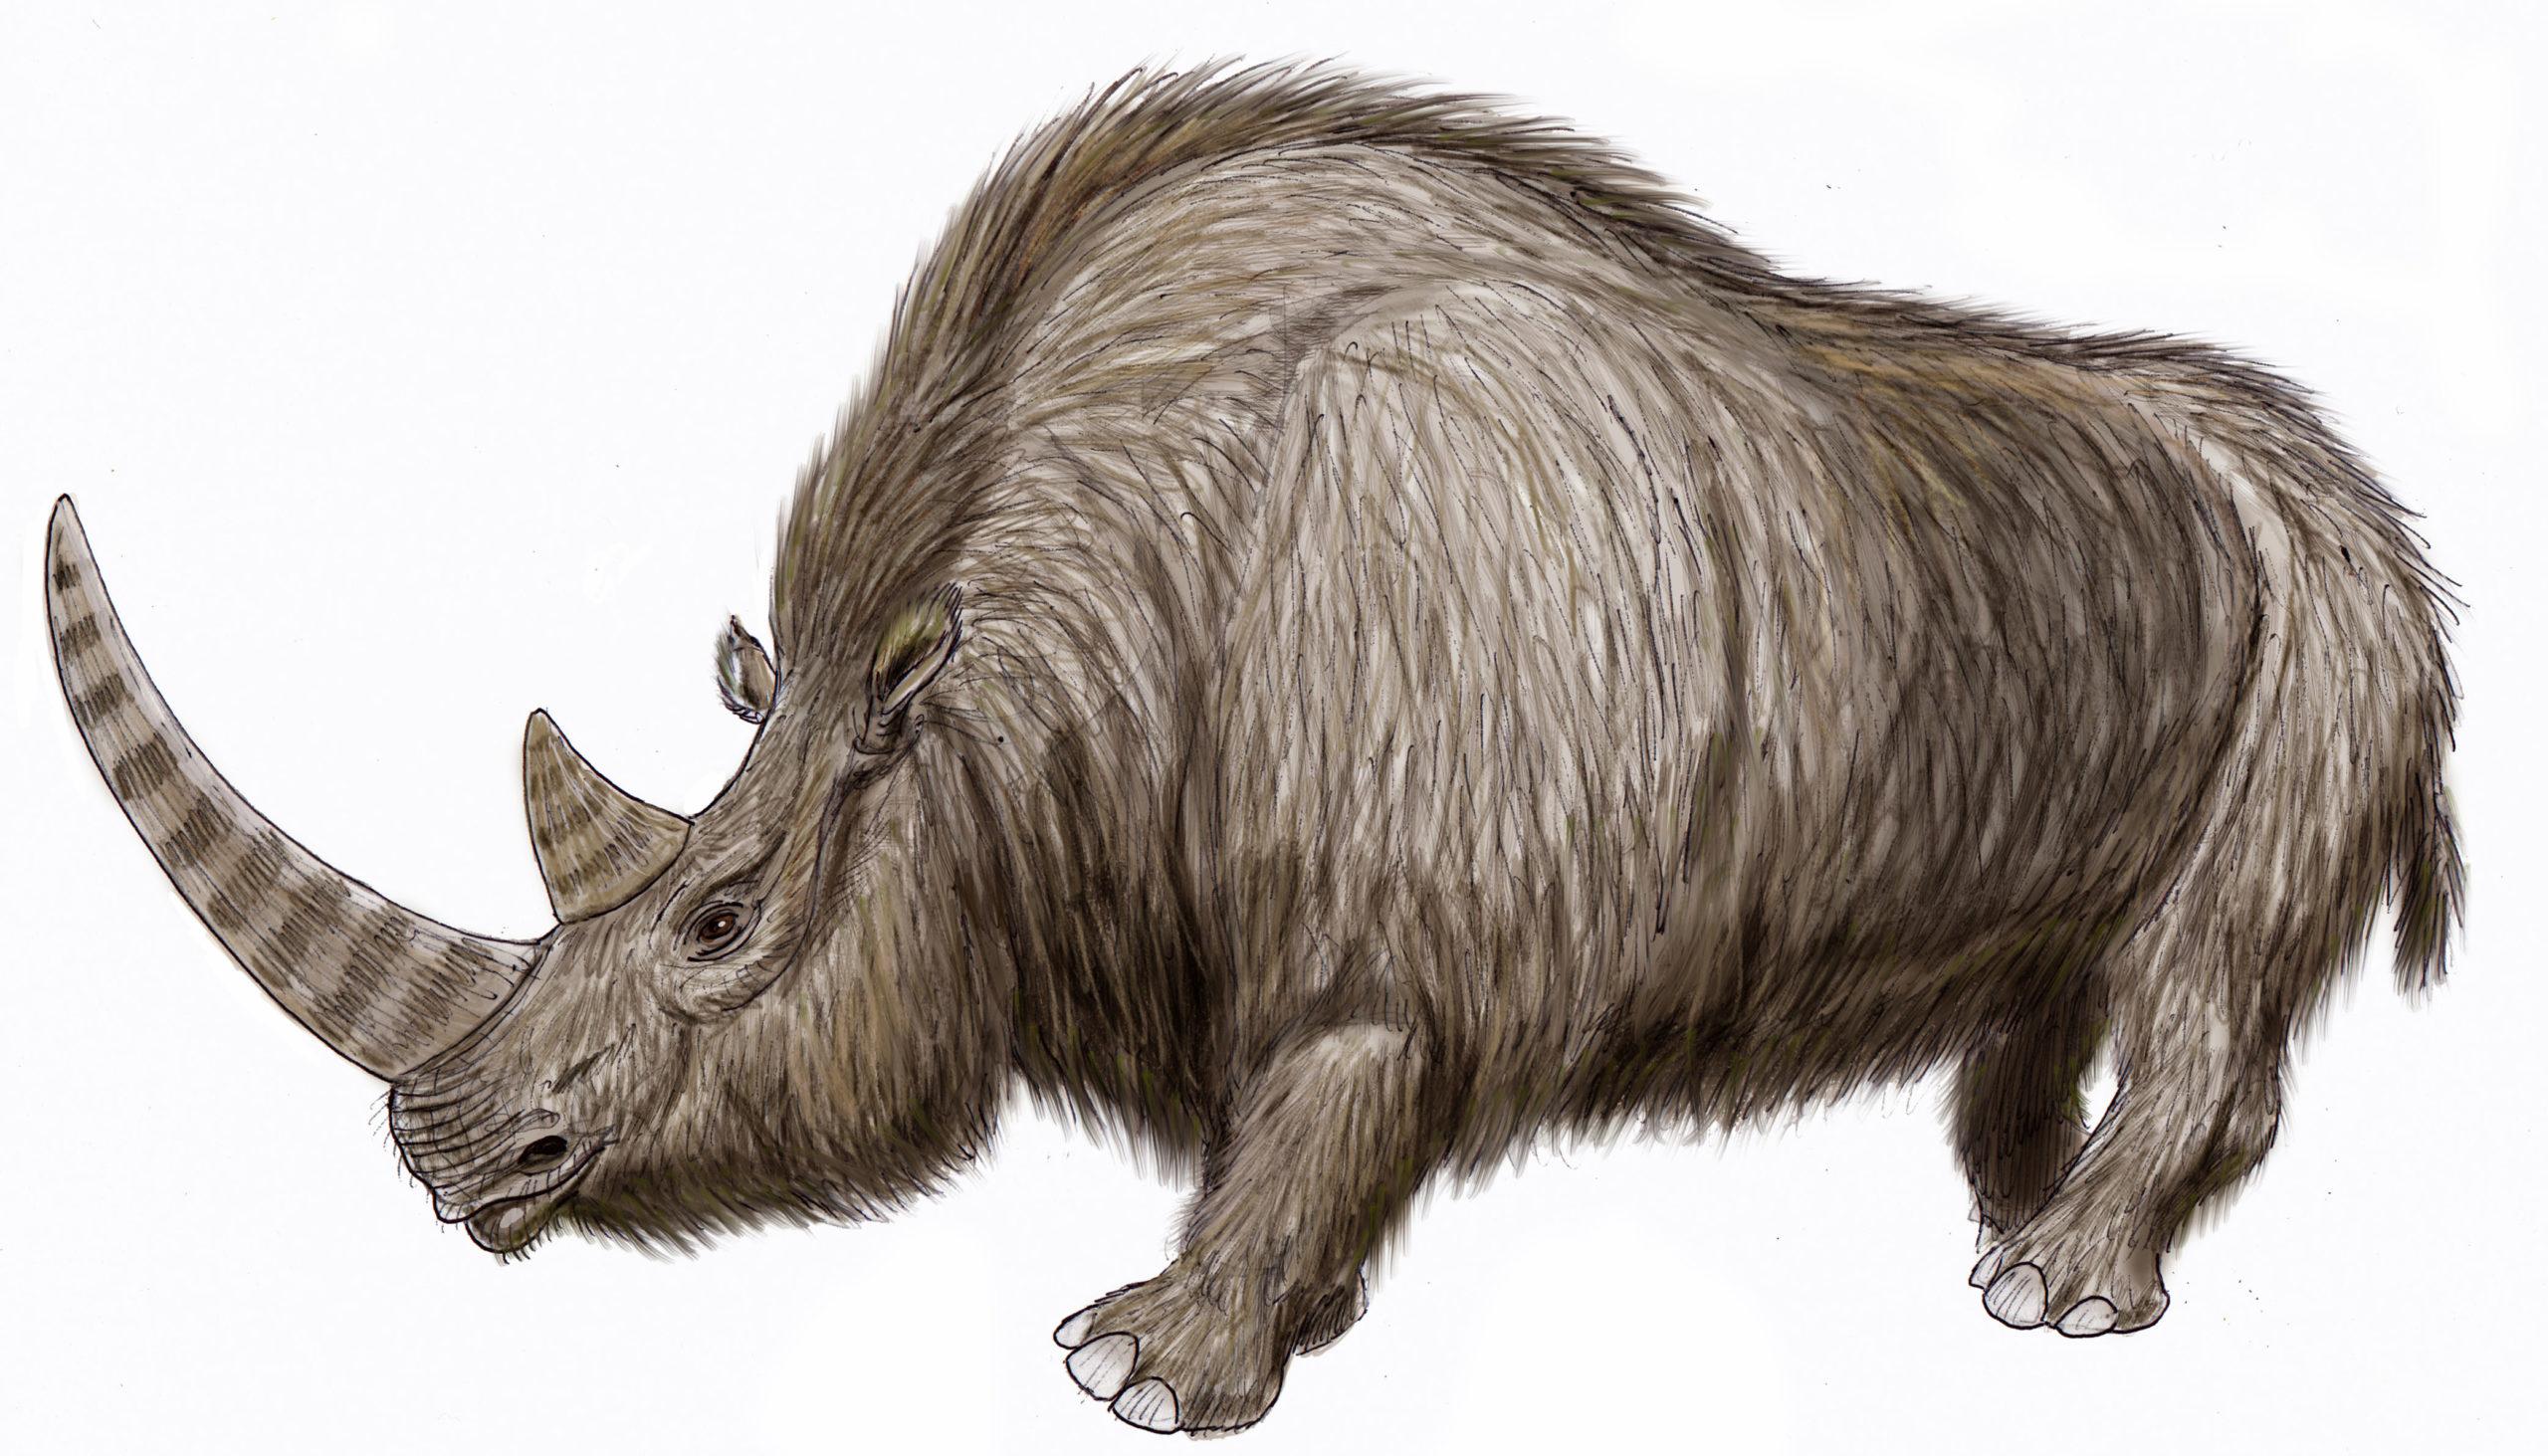 Reconstrução artística de rinoceronte lanoso. Crédito: Wikimedia Commons